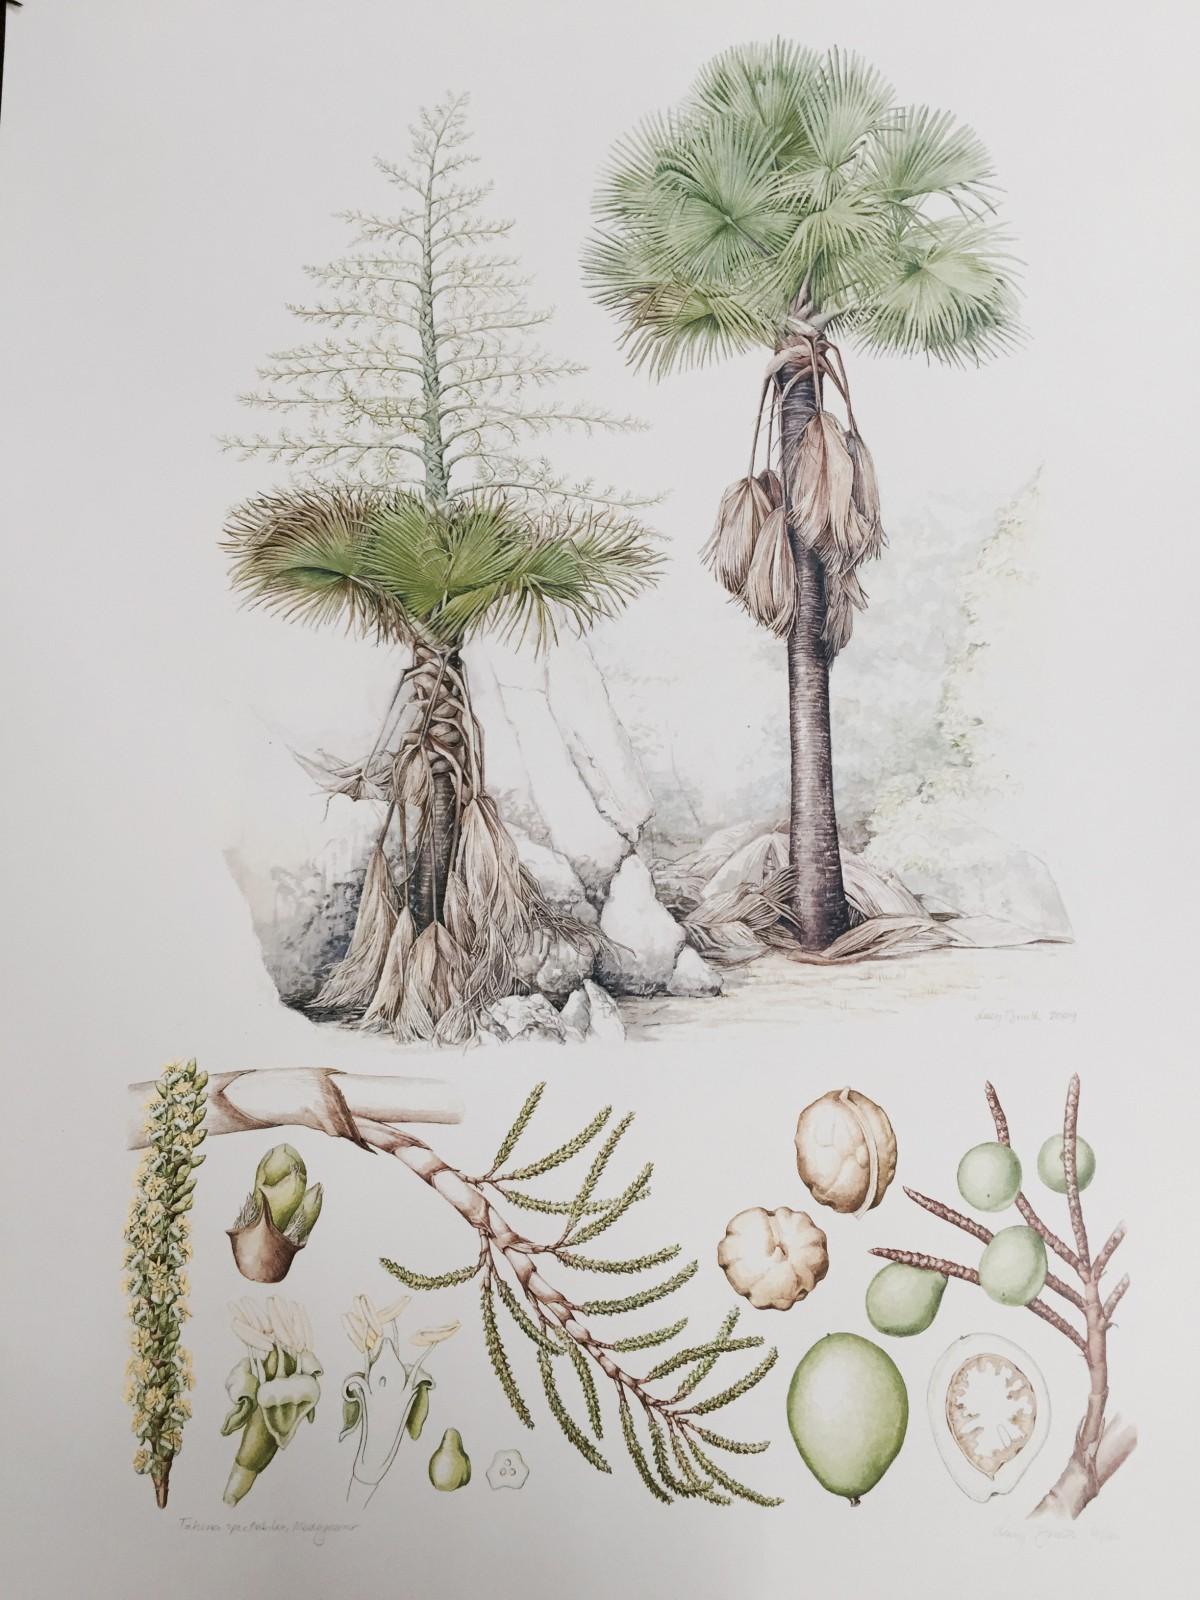 Kew Gardens - Herbarium - Botanic Art